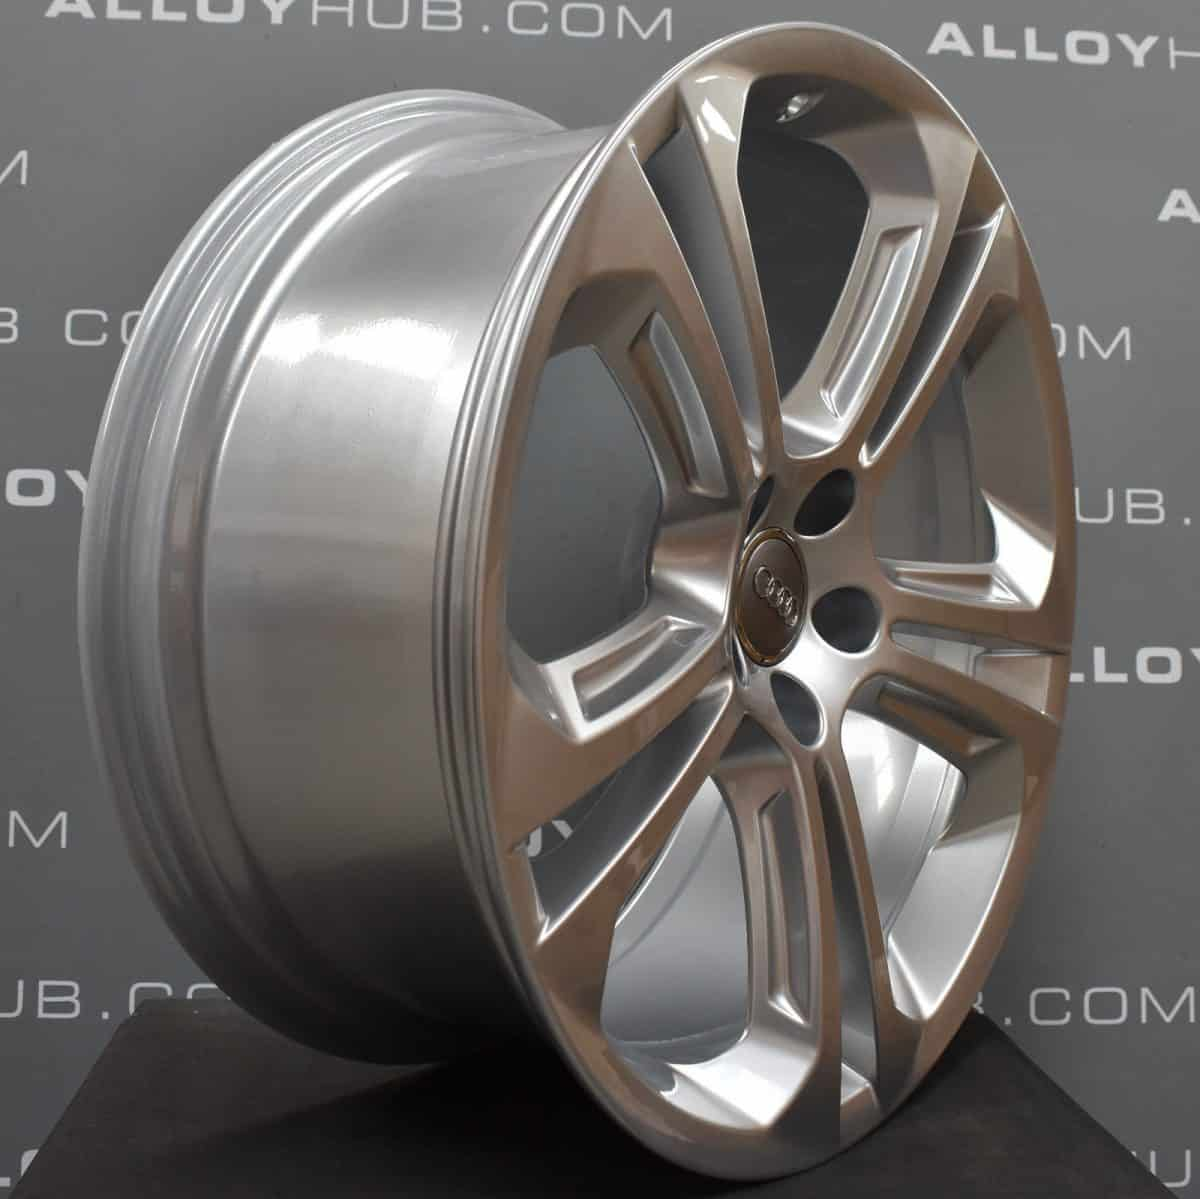 """Genuine Audi Q5 SQ5 8R 5 Twin Spoke 20"""" Inch Alloy Wheels with Silver Finish 8R0 601 025 BK"""